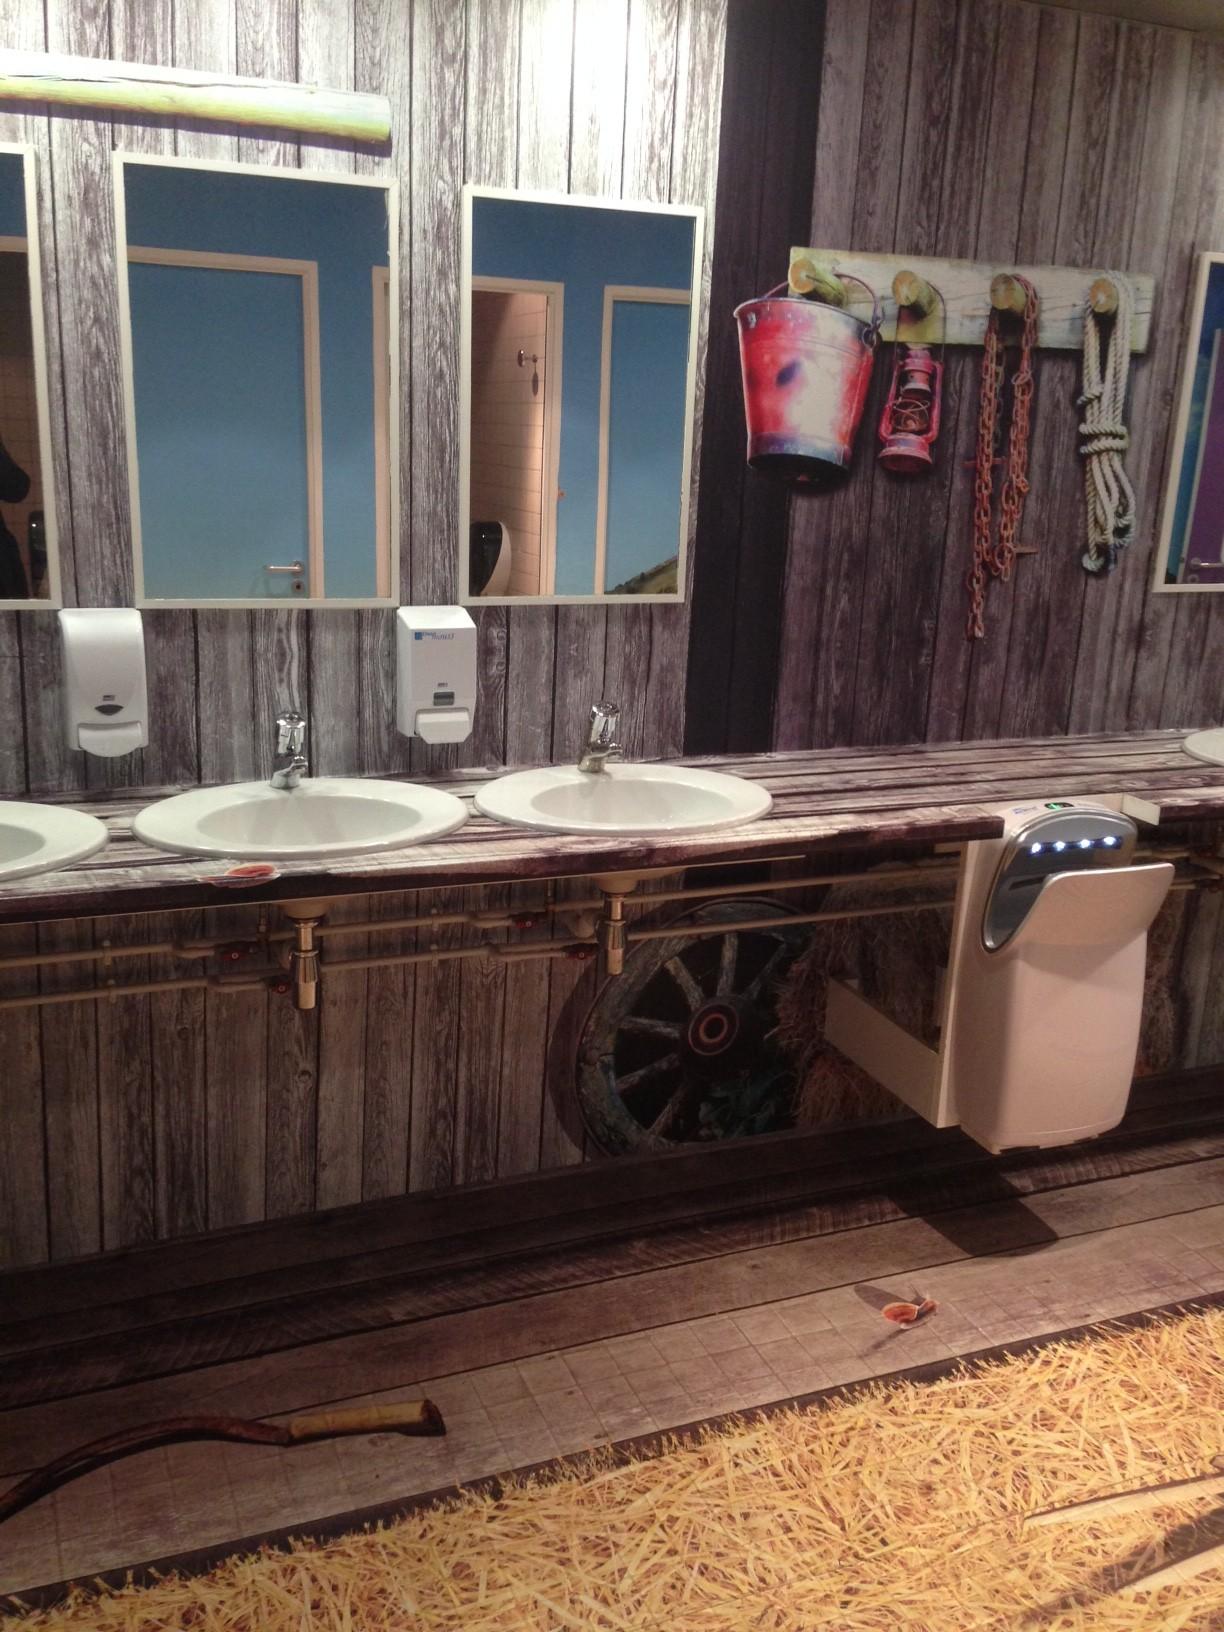 Il piccolo bagno nella prateria aprire un bar for Arredamento ristorante fallimenti